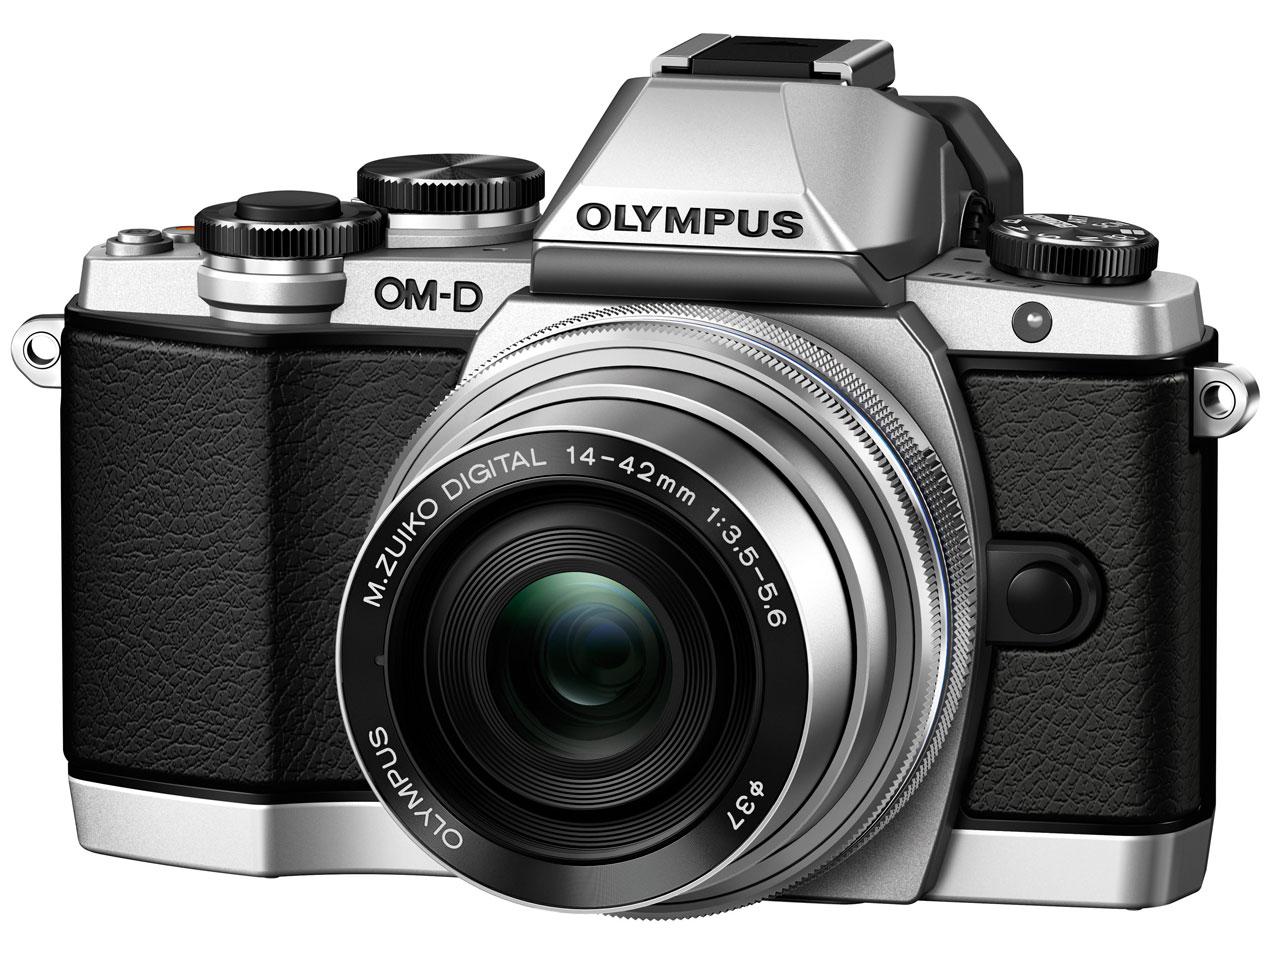 『本体 正面1』 OLYMPUS OM-D E-M10 14-42mm EZ レンズキット [シルバー] の製品画像